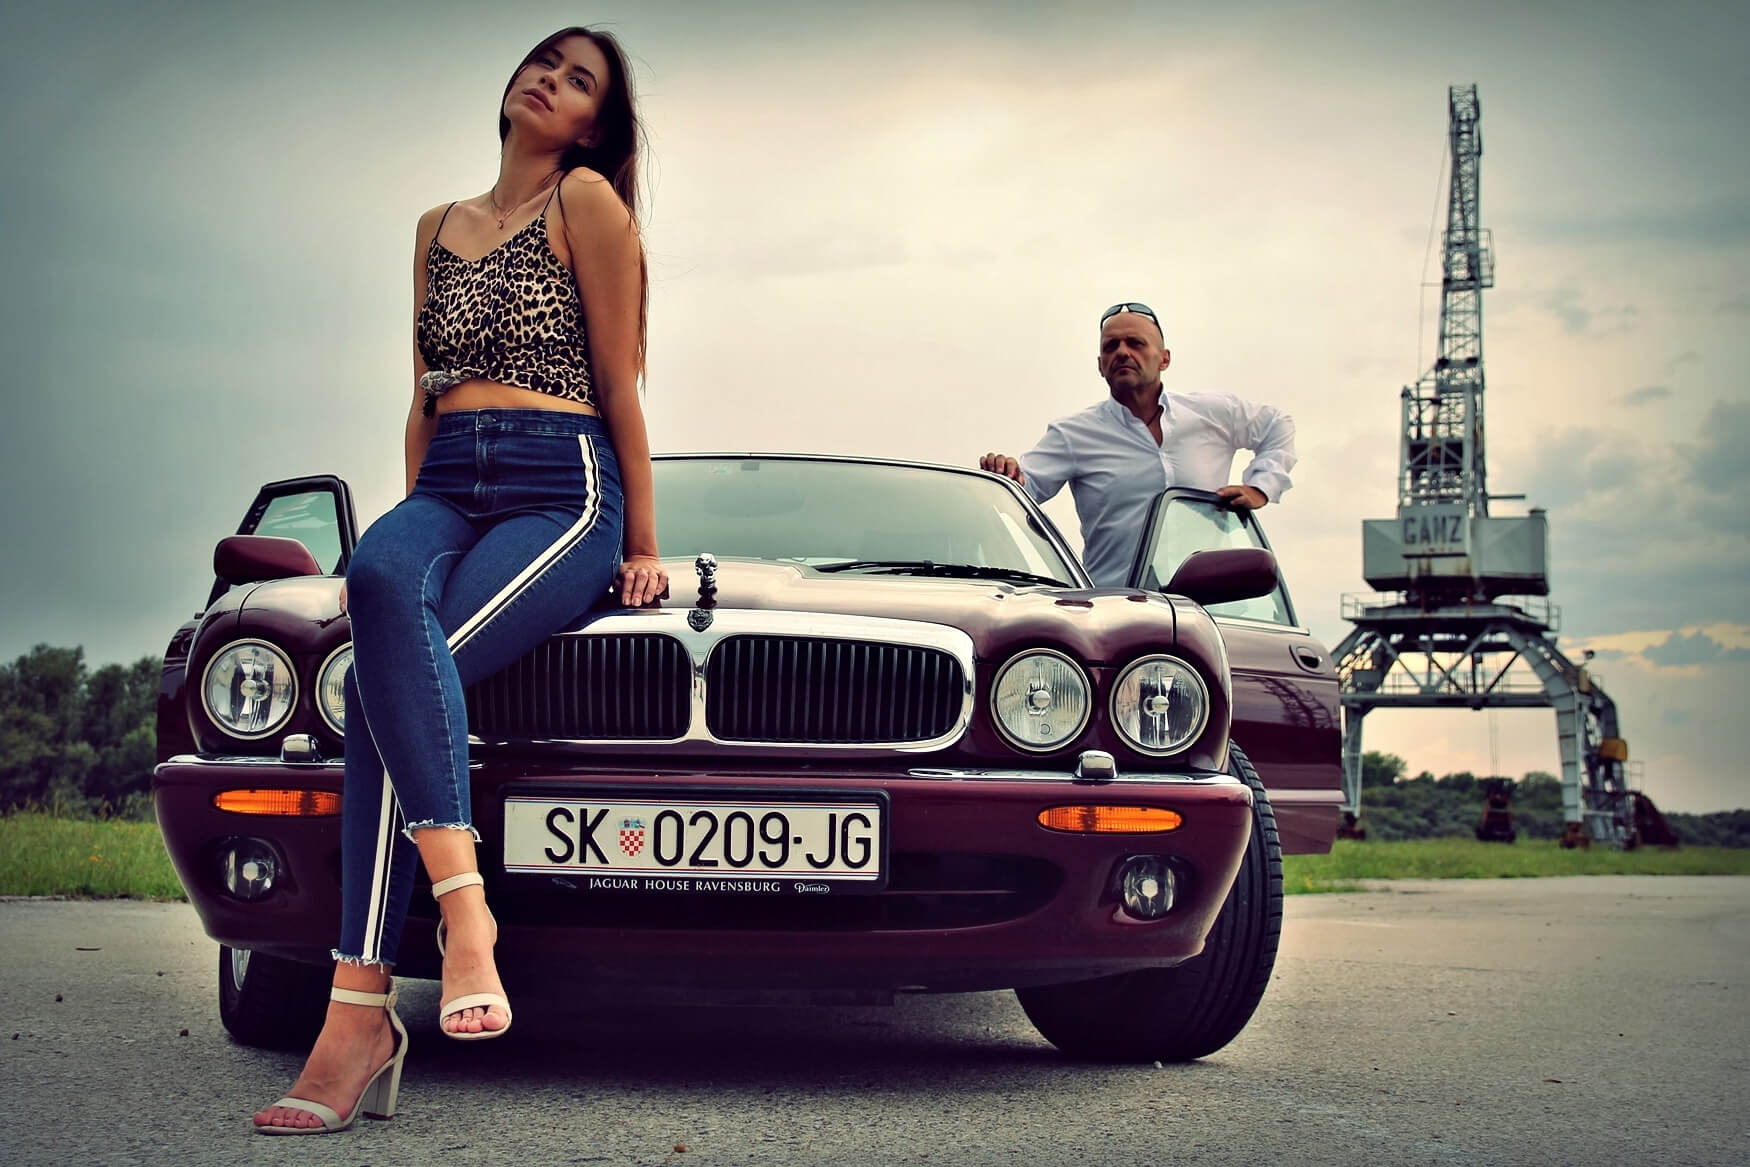 Autor-Vjekoslav-Martinić-fotoshooting-Fotoklub-Sisak